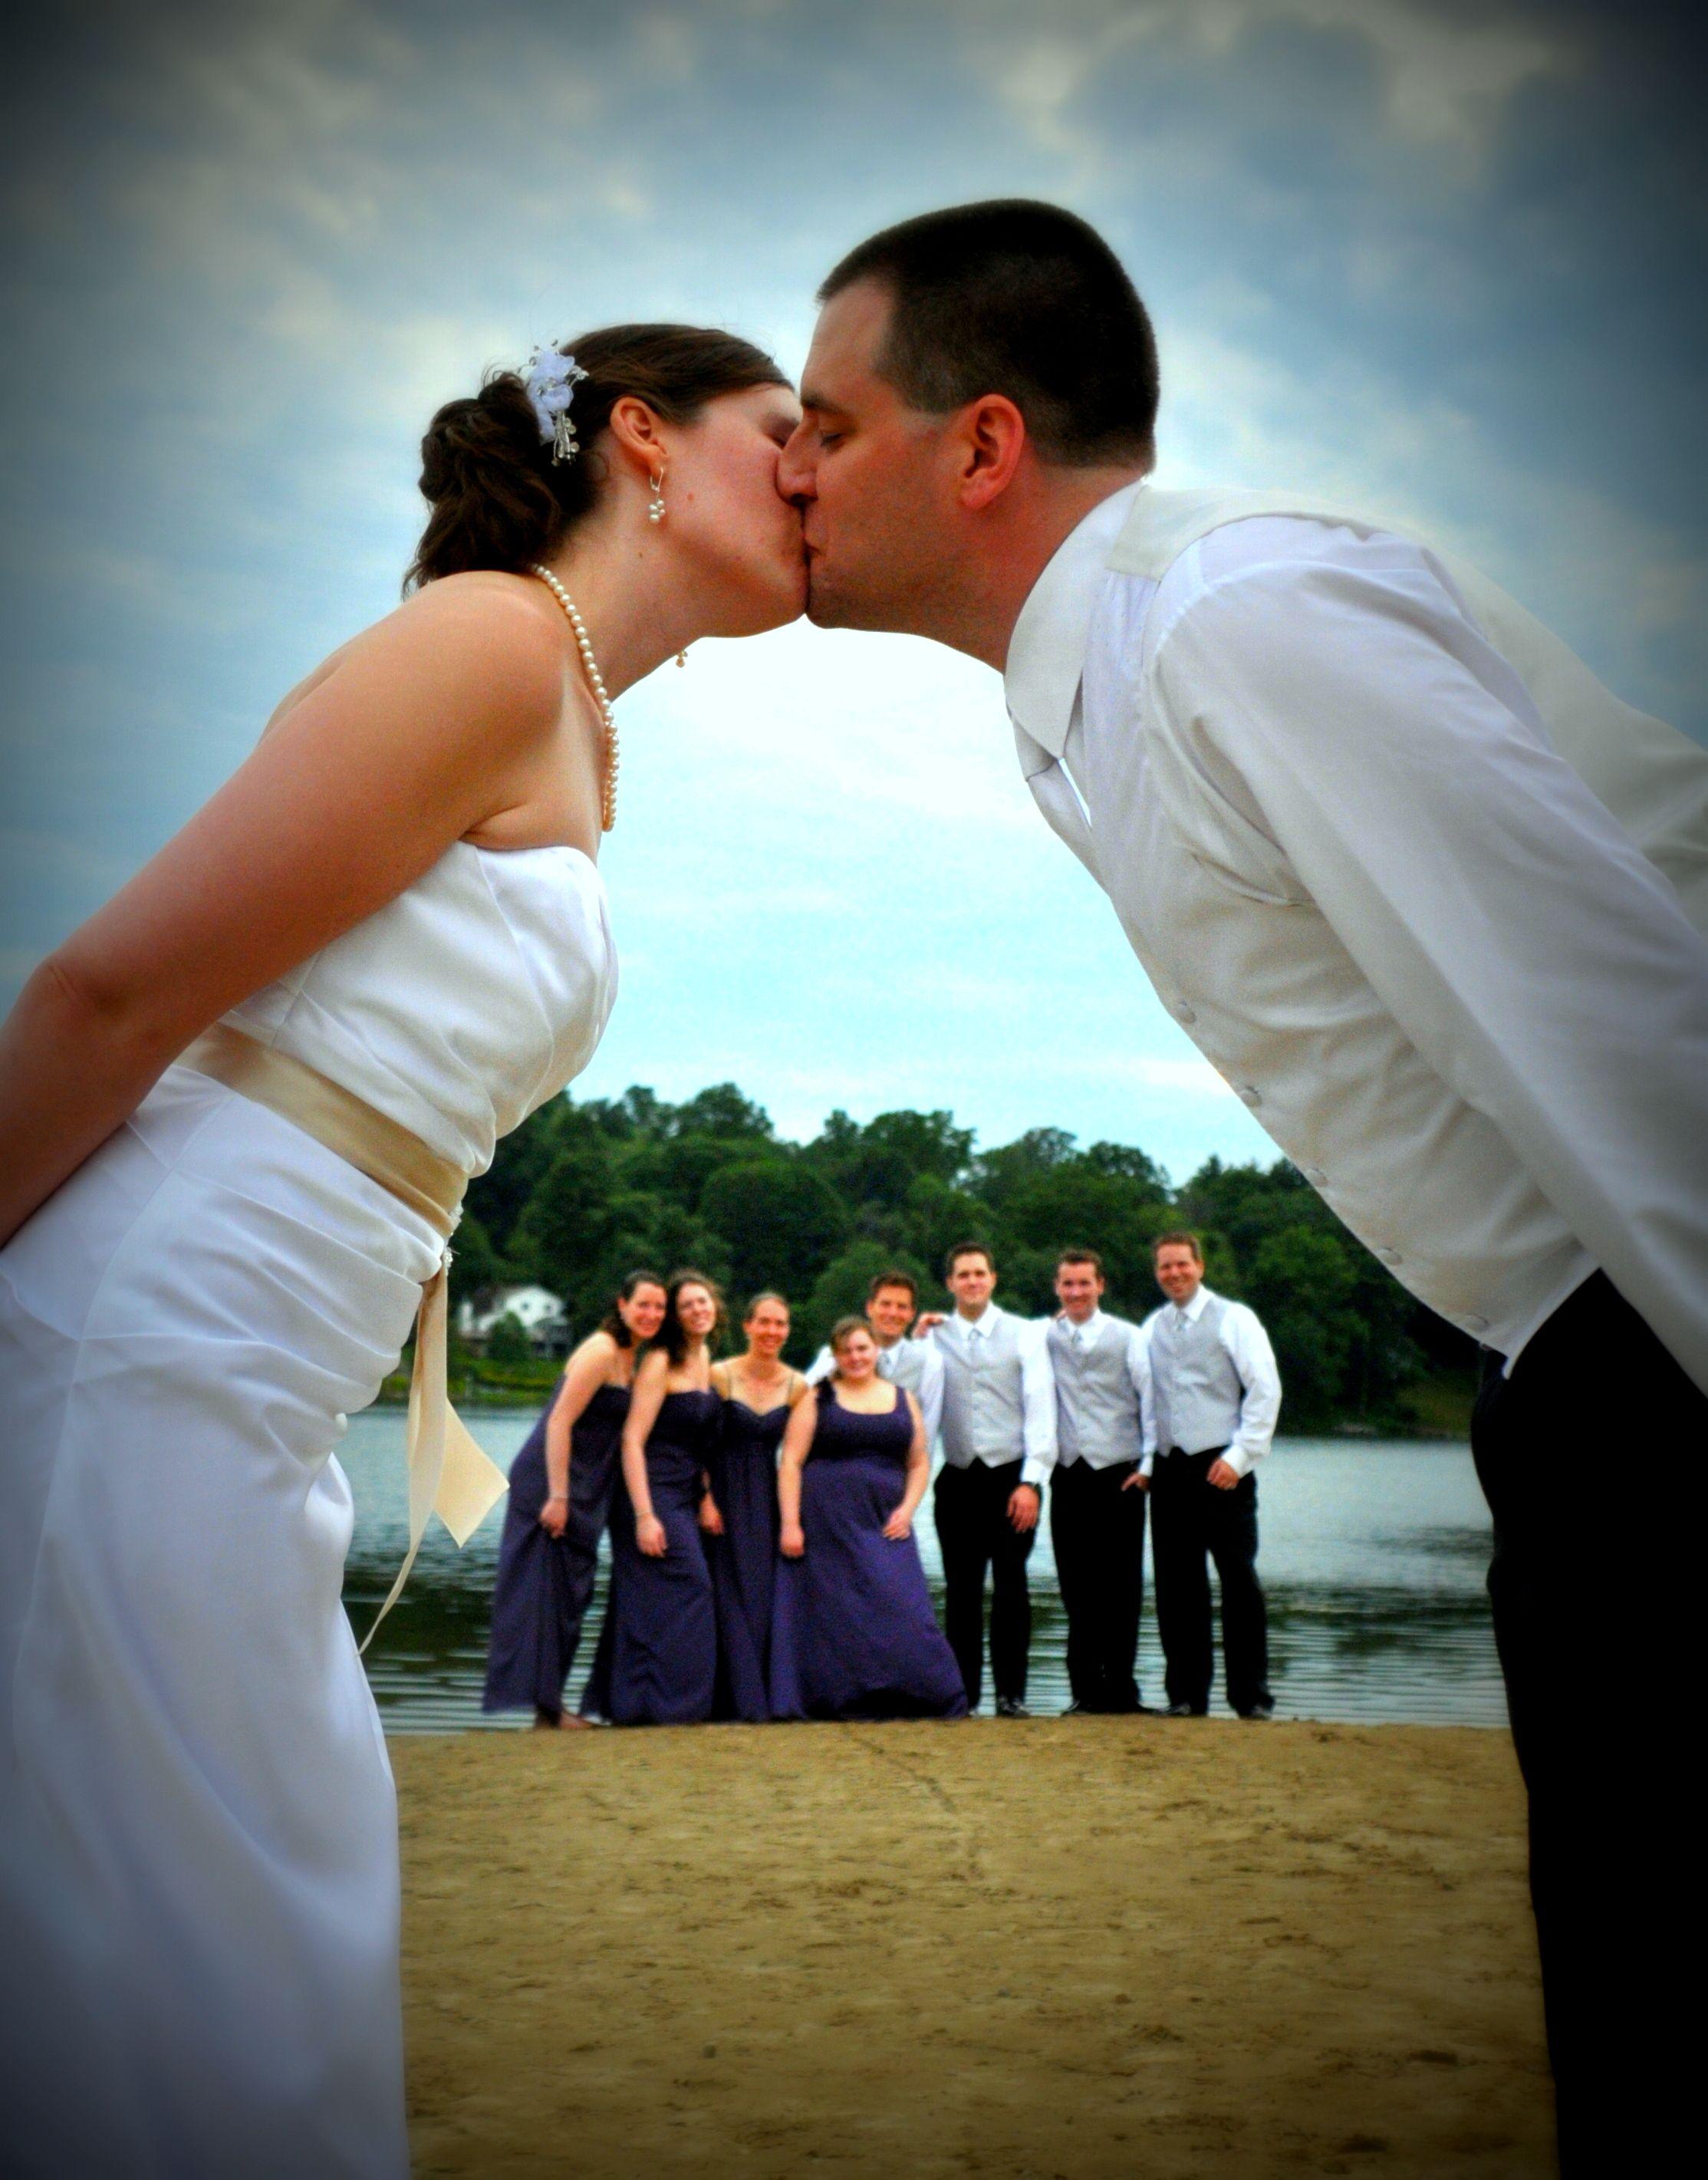 Unique Wedding Pose Wedding Photo Ideas Wedding Poses Pinterest Wedding Photography Poses